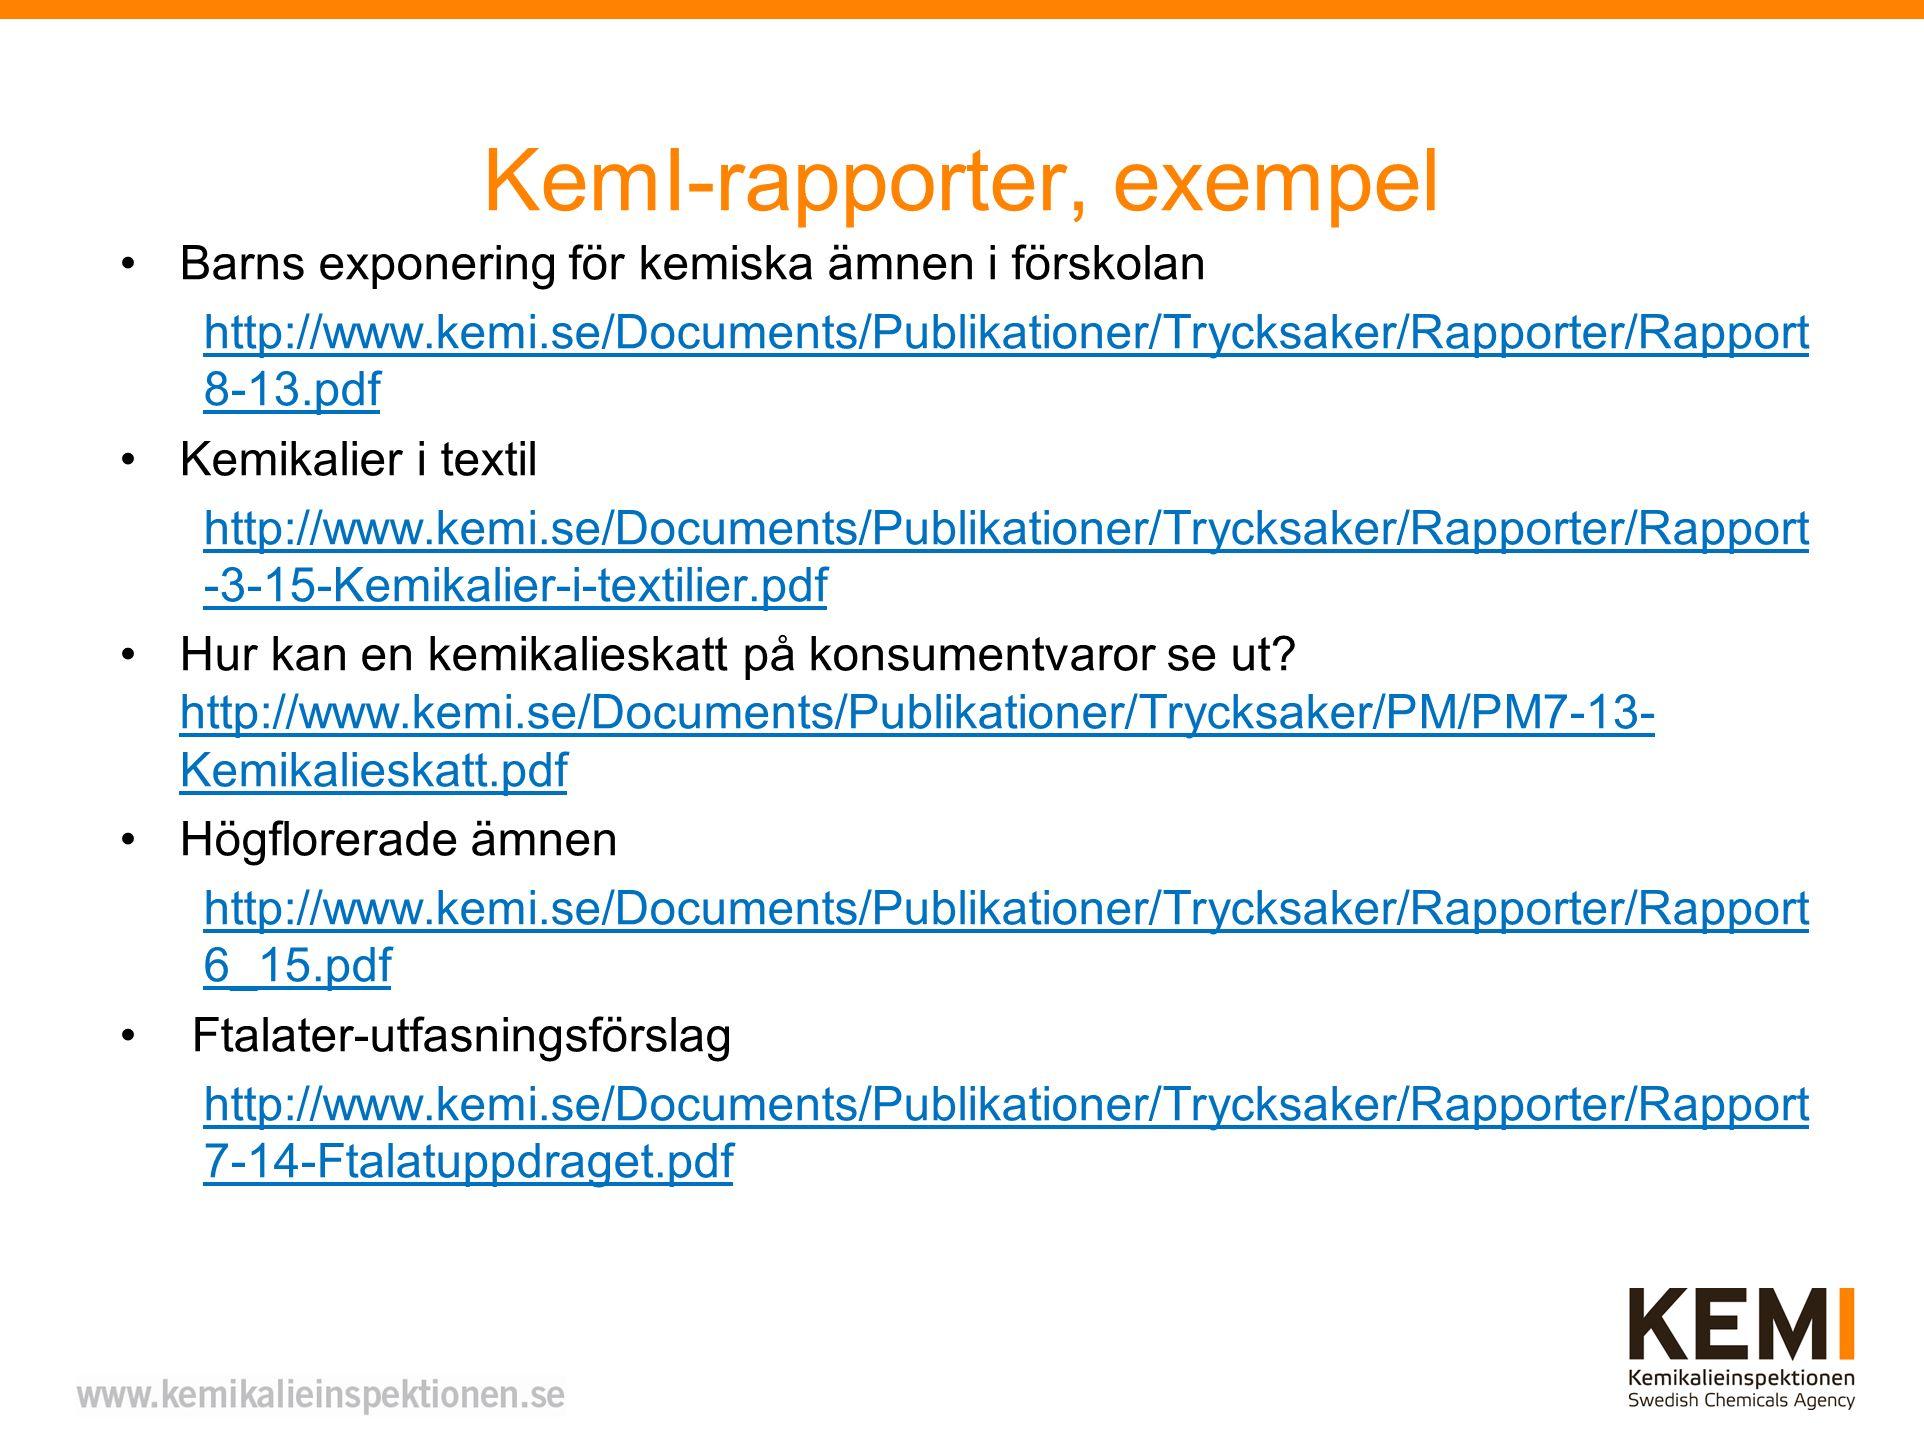 KemI-rapporter, exempel Barns exponering för kemiska ämnen i förskolan http://www.kemi.se/Documents/Publikationer/Trycksaker/Rapporter/Rapport 8-13.pdf Kemikalier i textil http://www.kemi.se/Documents/Publikationer/Trycksaker/Rapporter/Rapport -3-15-Kemikalier-i-textilier.pdf Hur kan en kemikalieskatt på konsumentvaror se ut.